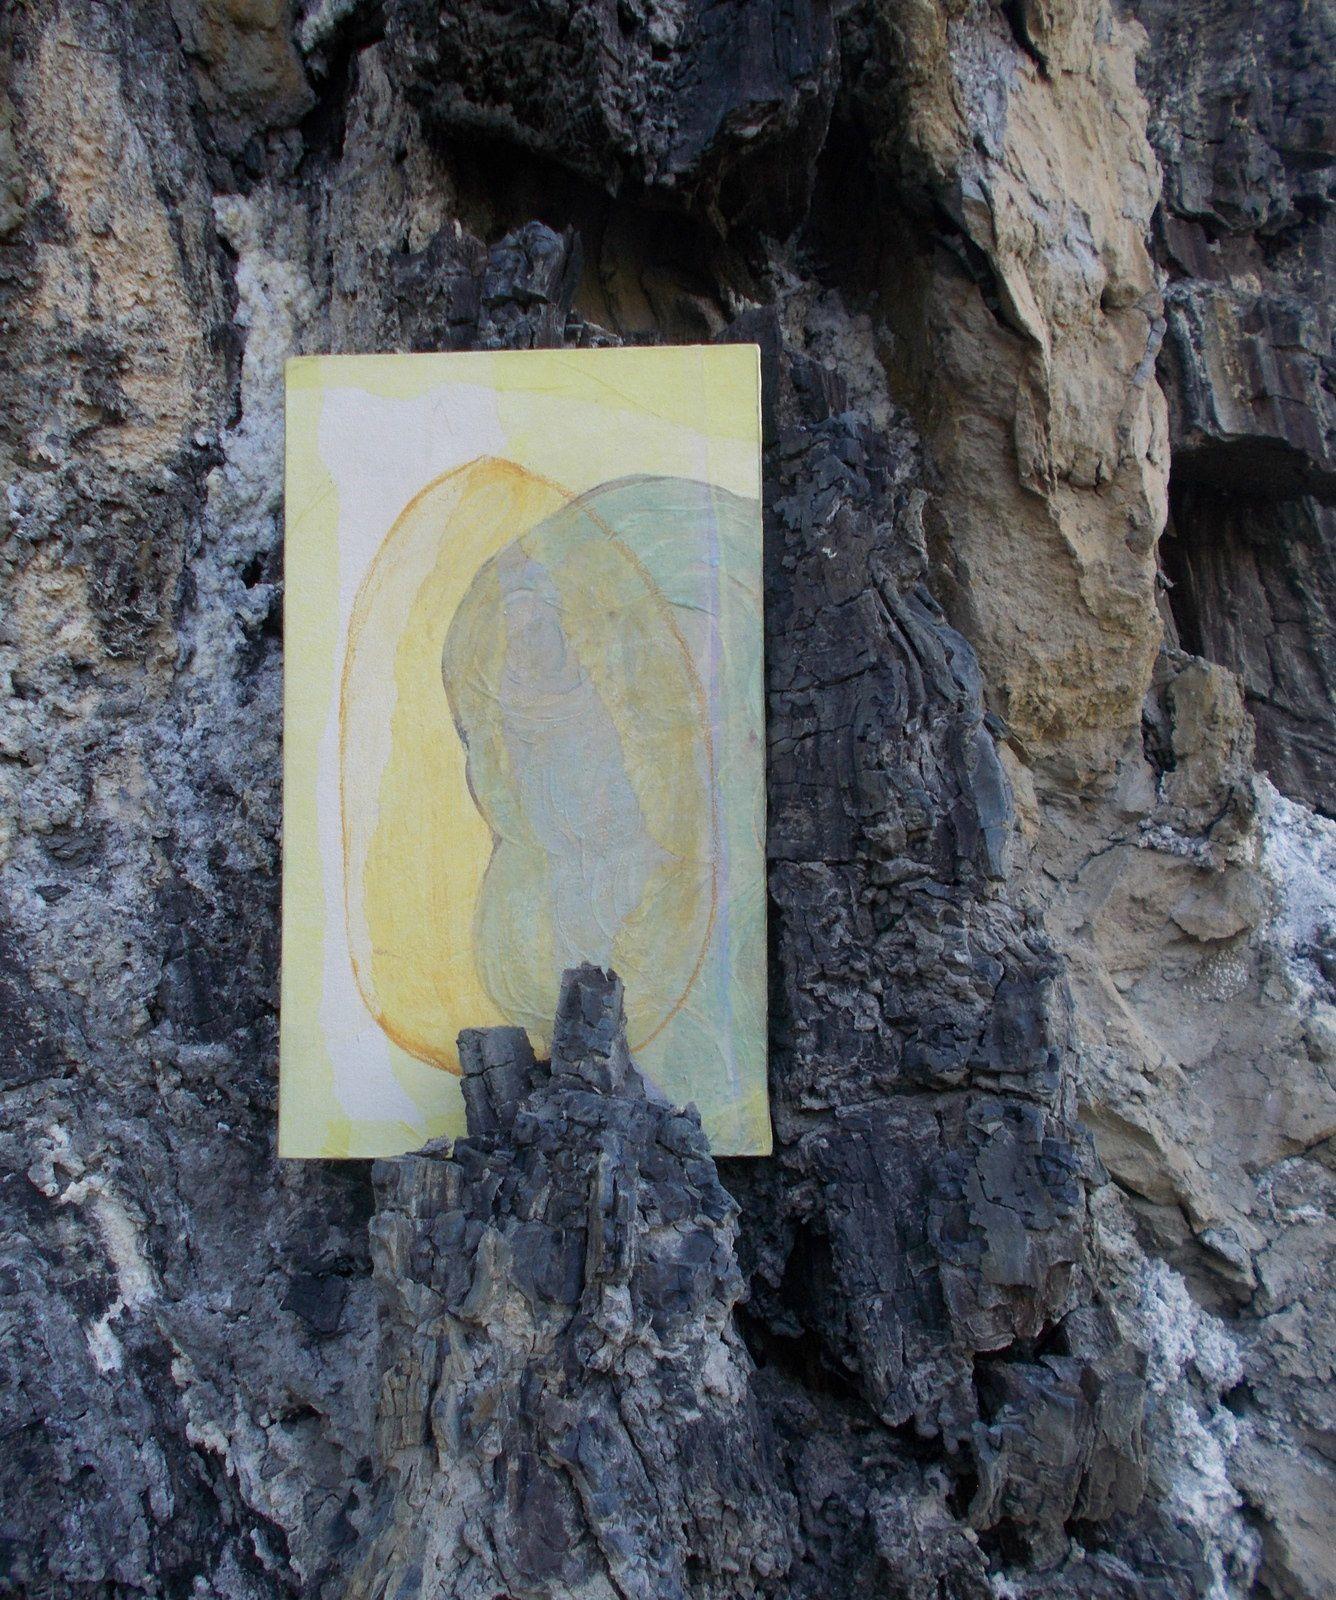 GALETS. Photos du livre d'artiste.Poèmes de Régis Roux . Dessins de Carolina Diomandé. Avril 2017. dernières photos prises au bord de la Galaure...et clin d'oeil de galet dans des racines!